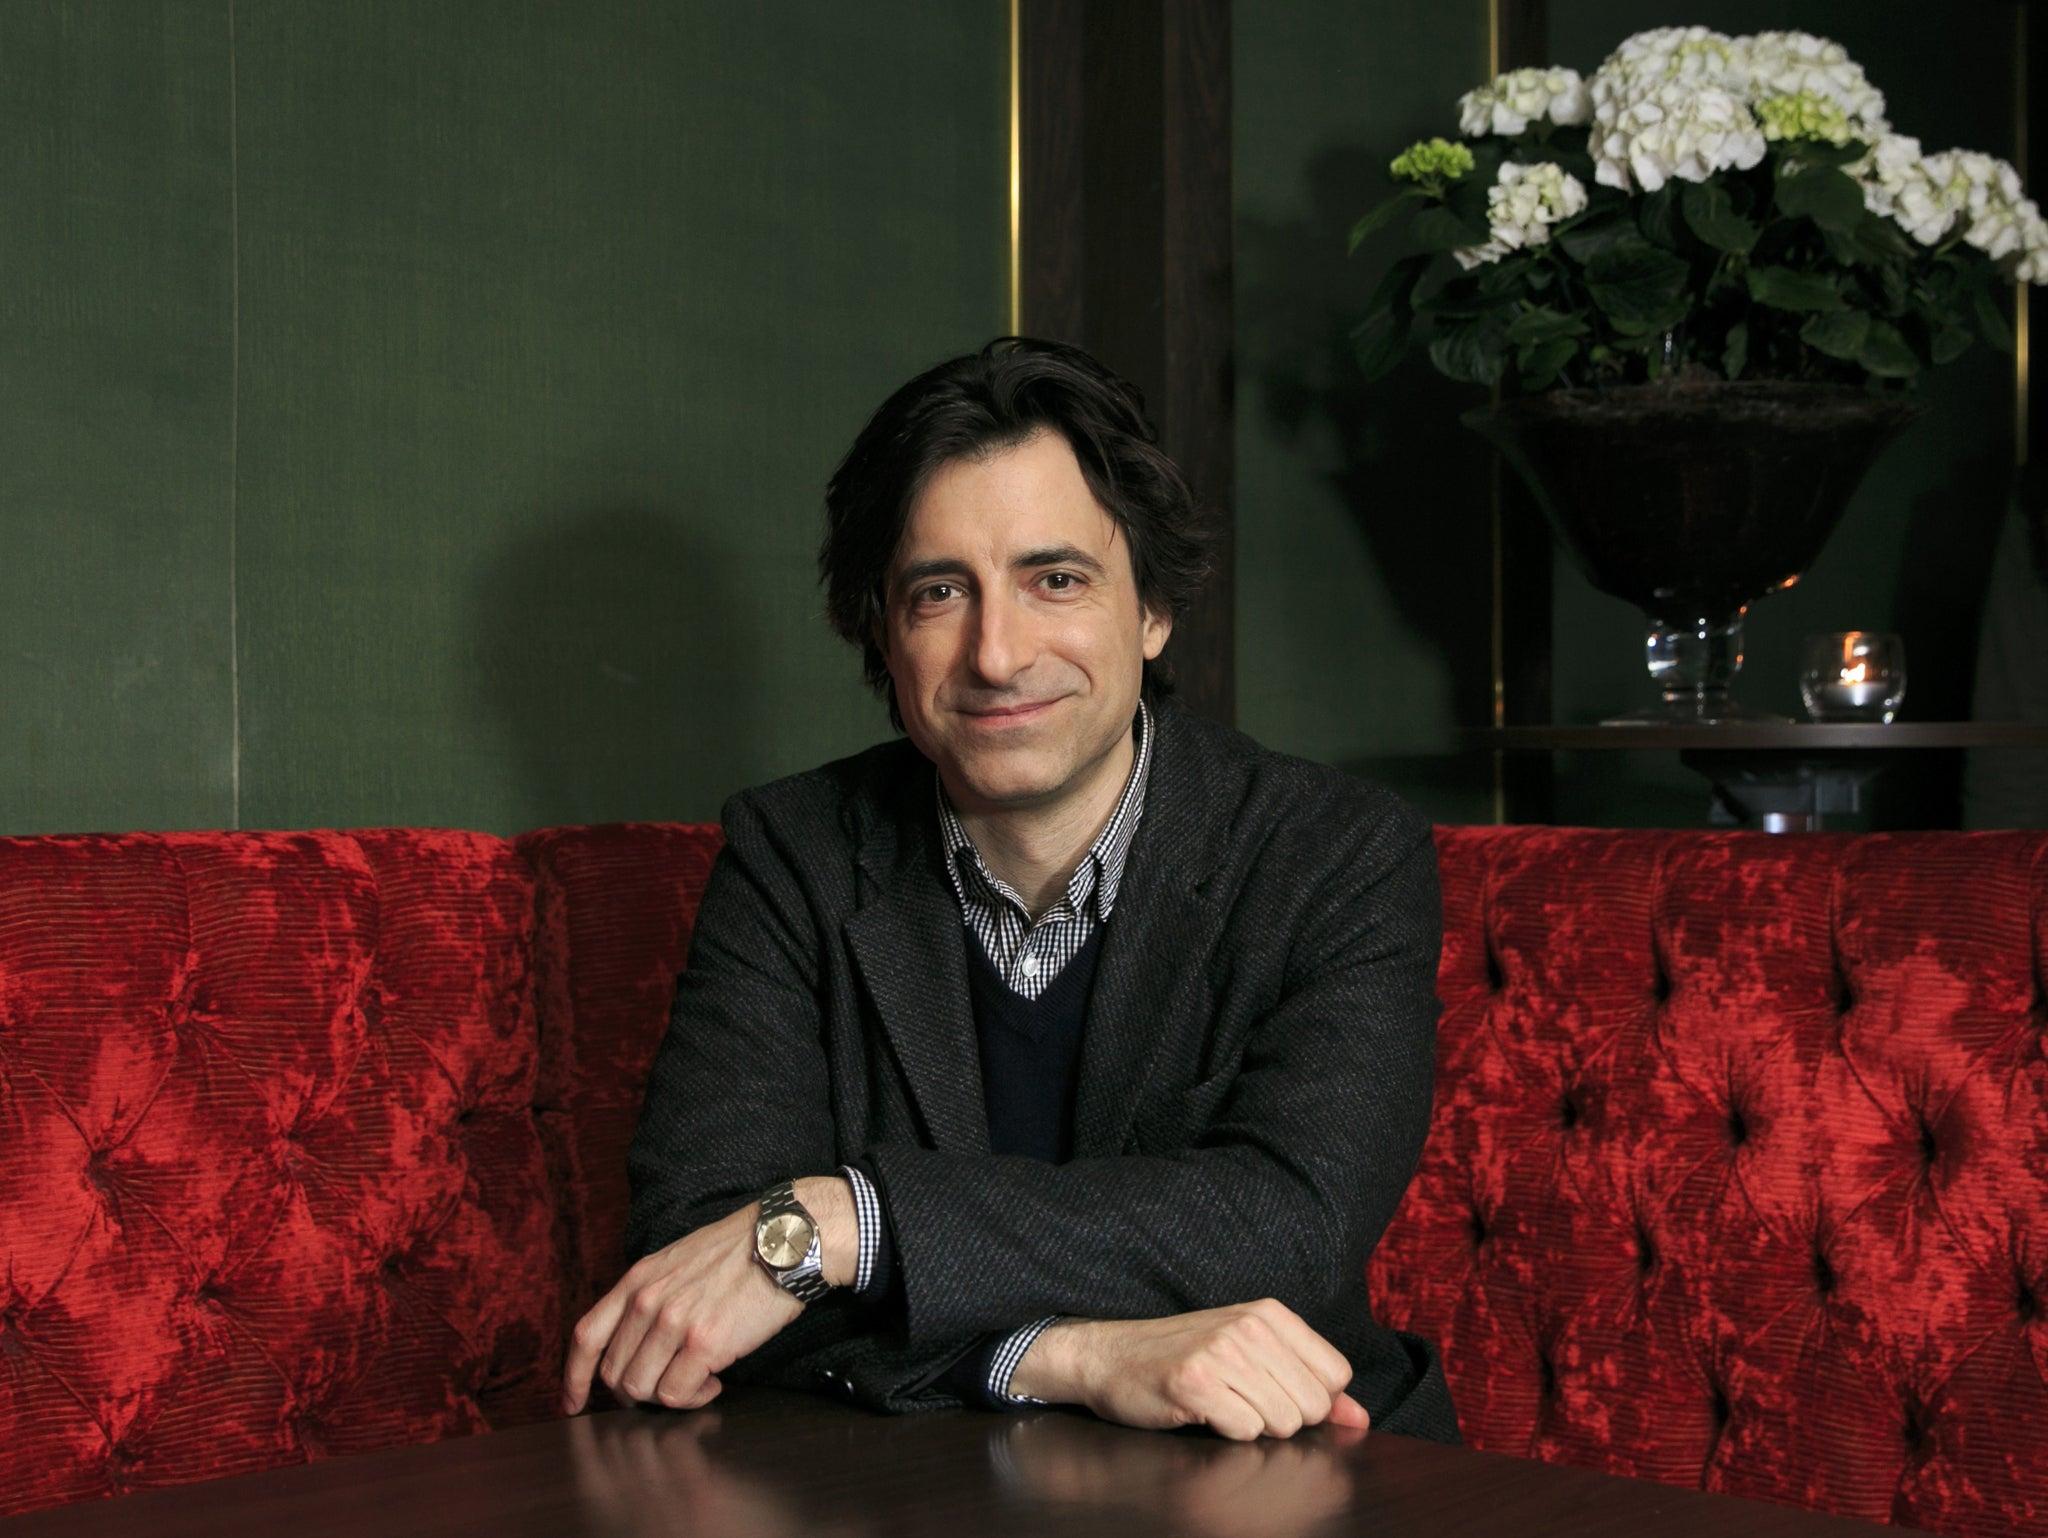 Noah Baumbach interview: Director talks Mistress America ...  Noah Baumbach i...